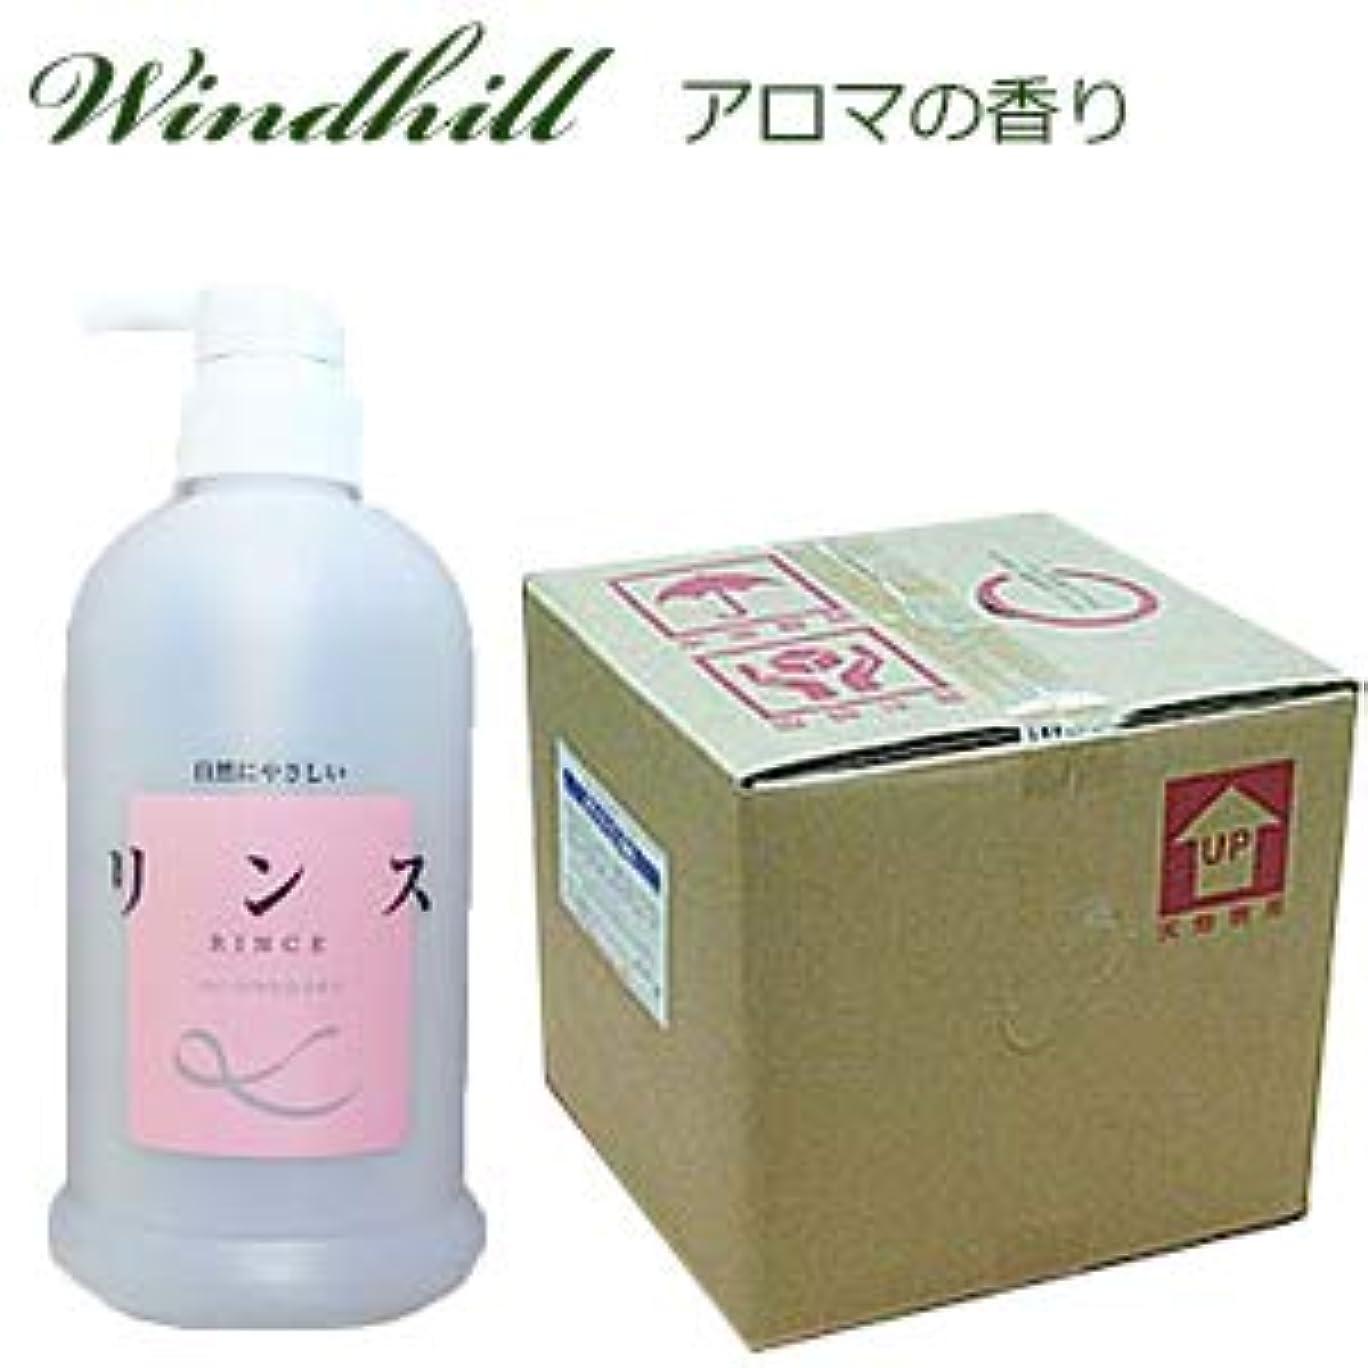 はさみ句十分ななんと! 500ml当り188円 Windhill 植物性業務用 リンス 紅茶を思うアロマの香り 20L